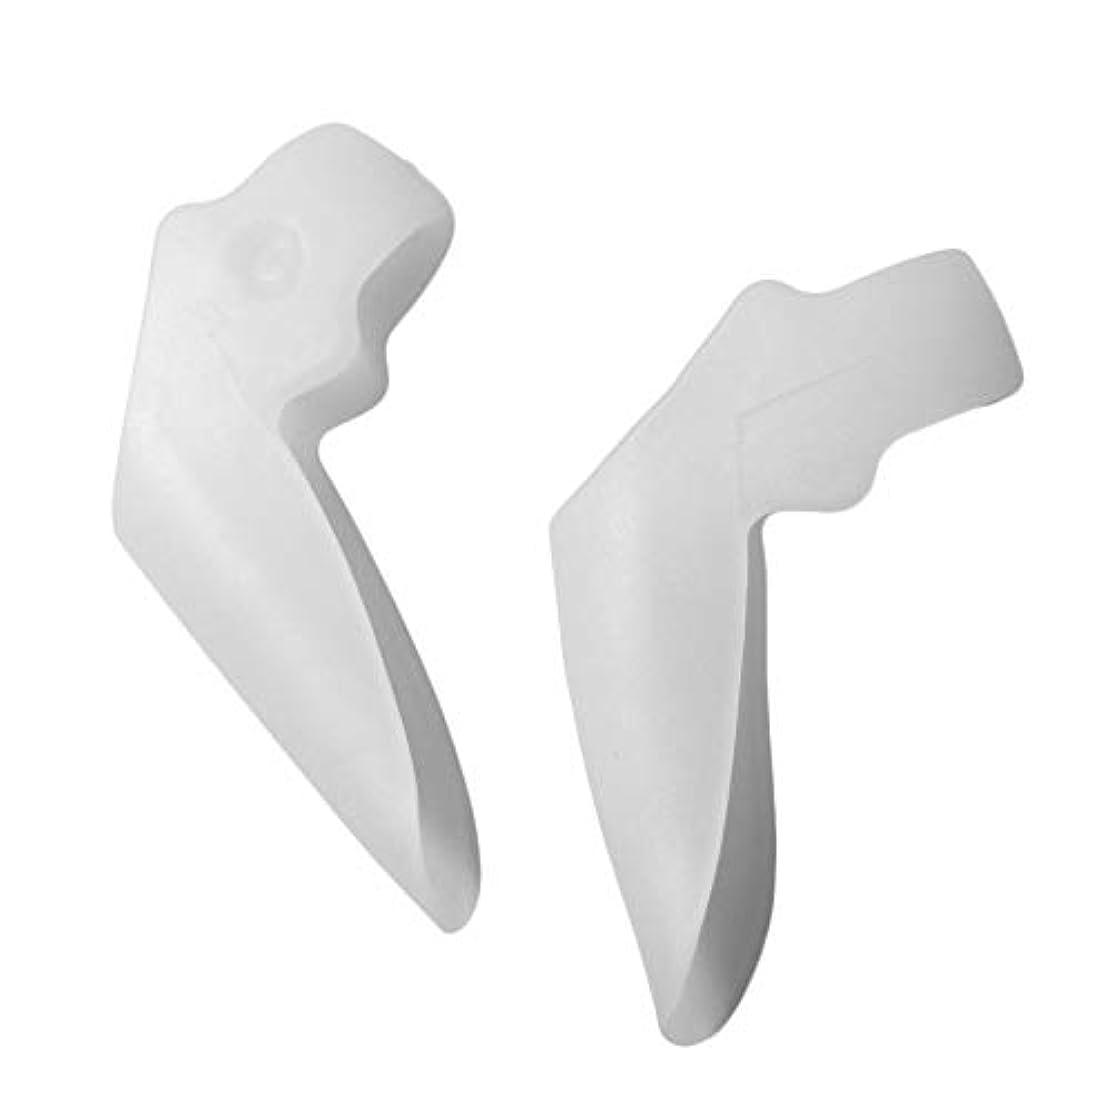 入口理解貫入2x再利用可能なジェルトウ矯正用セパレーターストレッチャーバニオン痛みの軽減-Innovationo